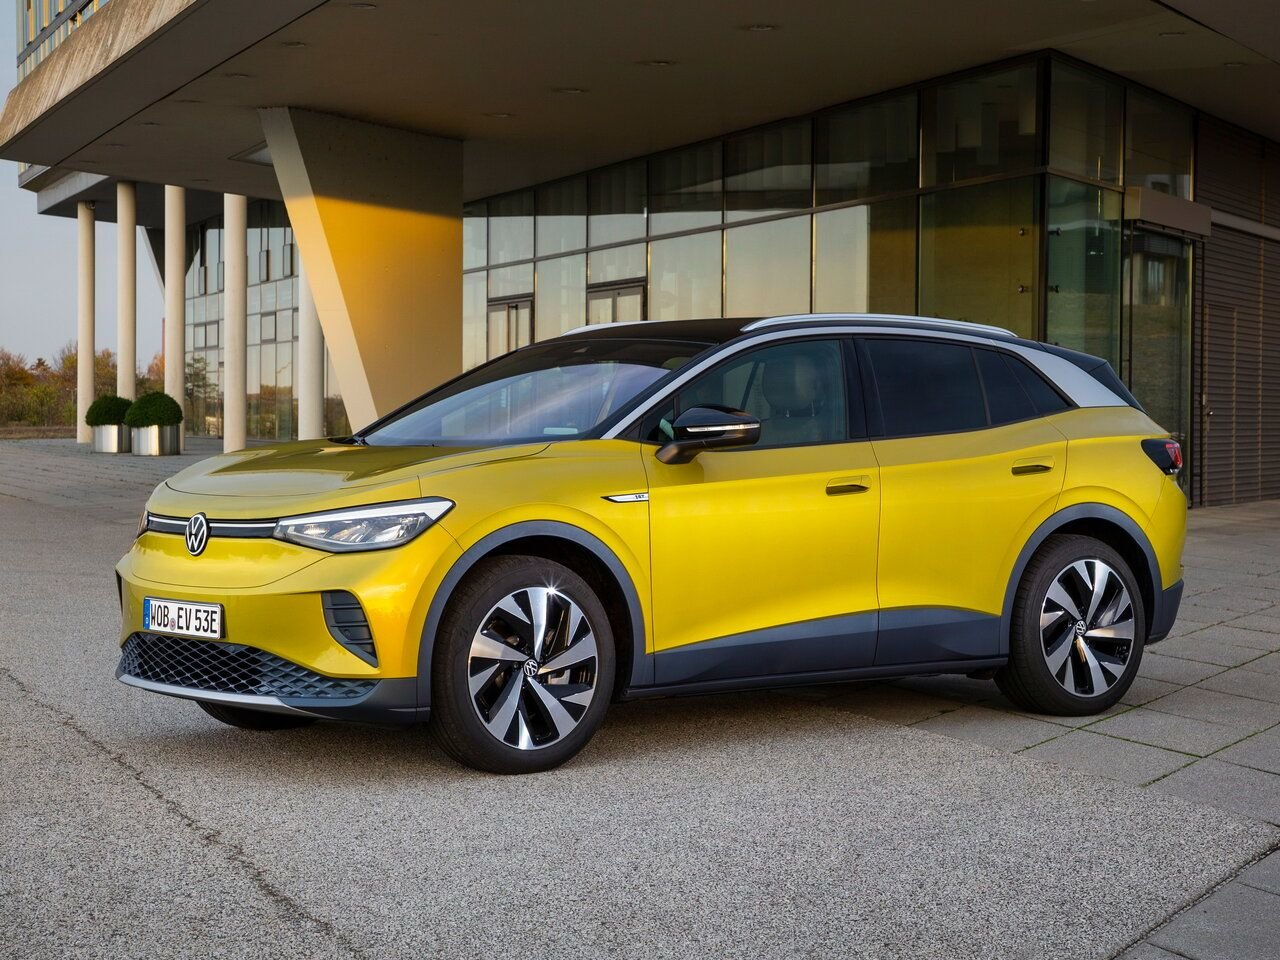 «Международным автомобилем года-2021» признан электрический кроссовер Volkswagen ID.4